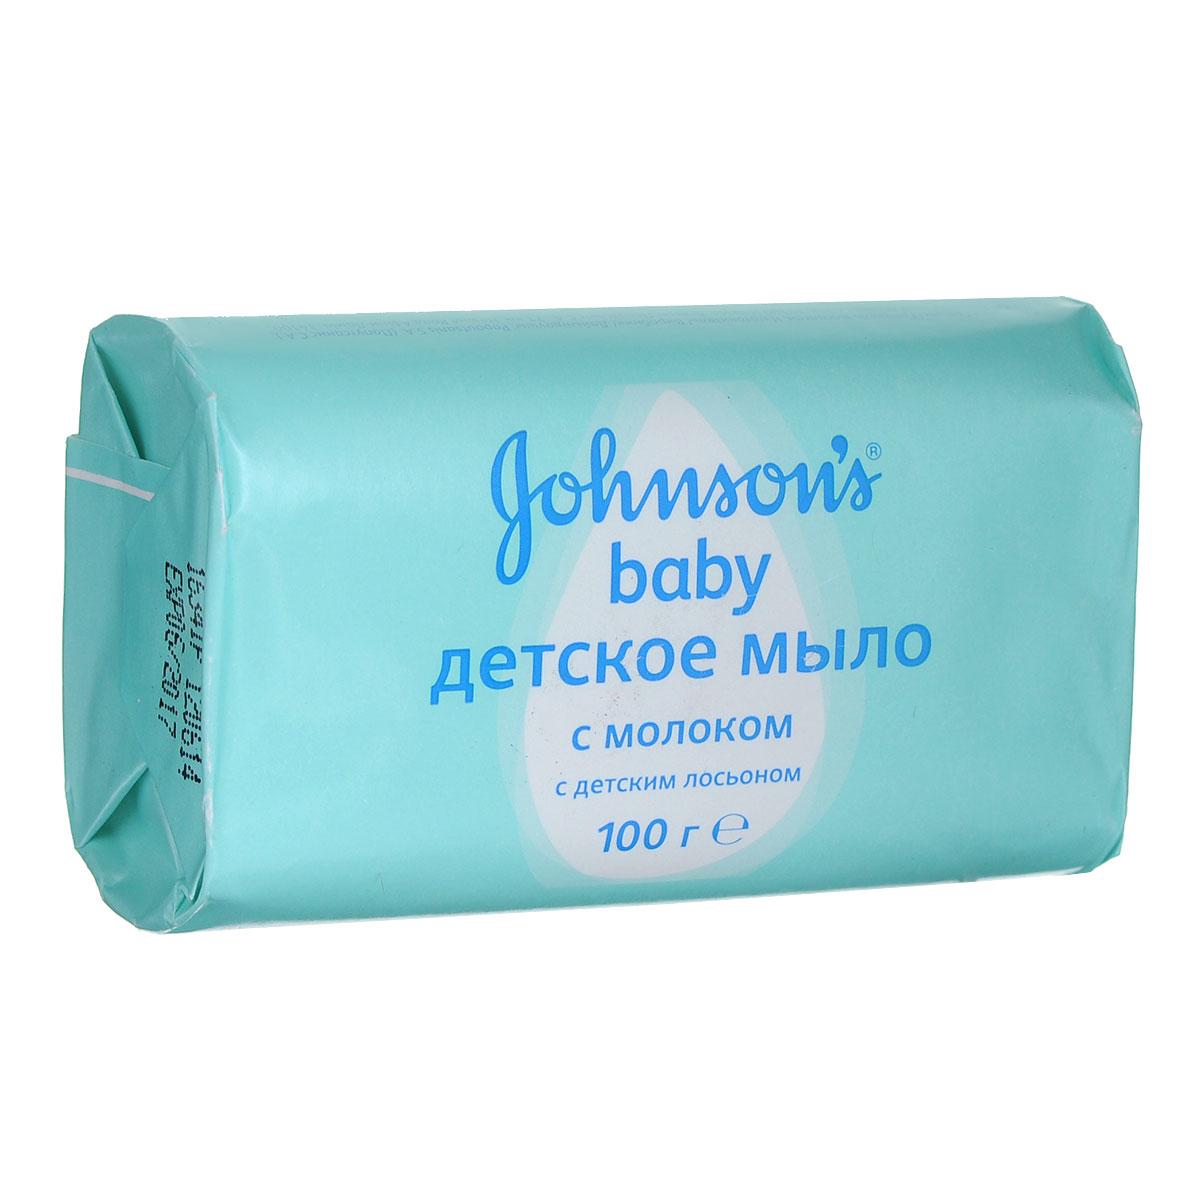 Johnsons baby Мыло детское, с молоком, 100 г3010620Мы любим малышей. И мы понимаем, что кожа младенцев еще не до конца сформировалась и быстро теряет влагу. Вот почему детское мыло JOHNSONS Baby с молоком содержит нежные смягчающие и увлажняющие компоненты, которые помогают сохранить детскую кожу мягкой. Товар сертифицирован.